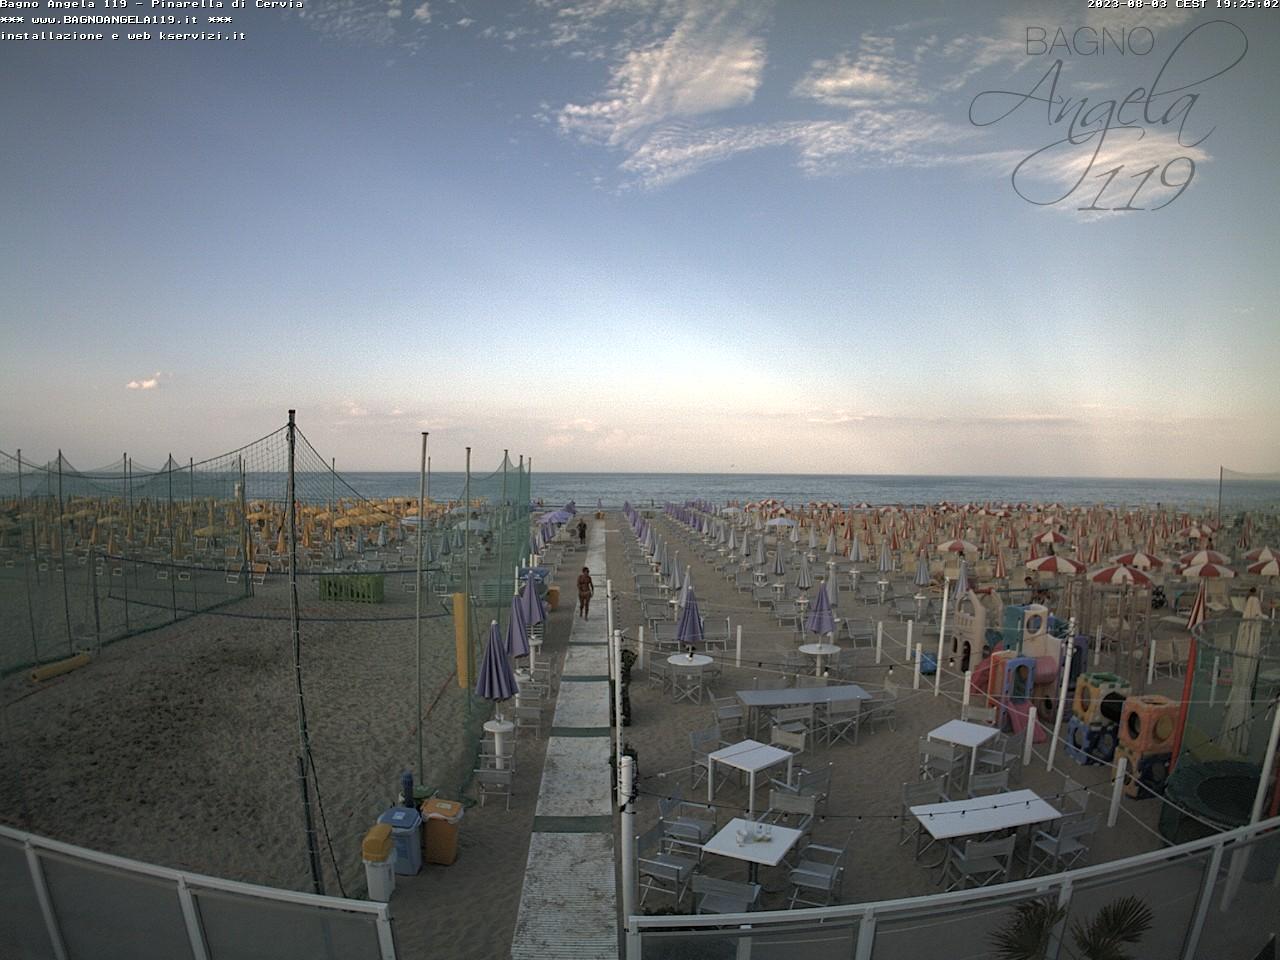 Webcam pinarella di cervia bagno angela beach - Web cam riccione bagno 81 ...